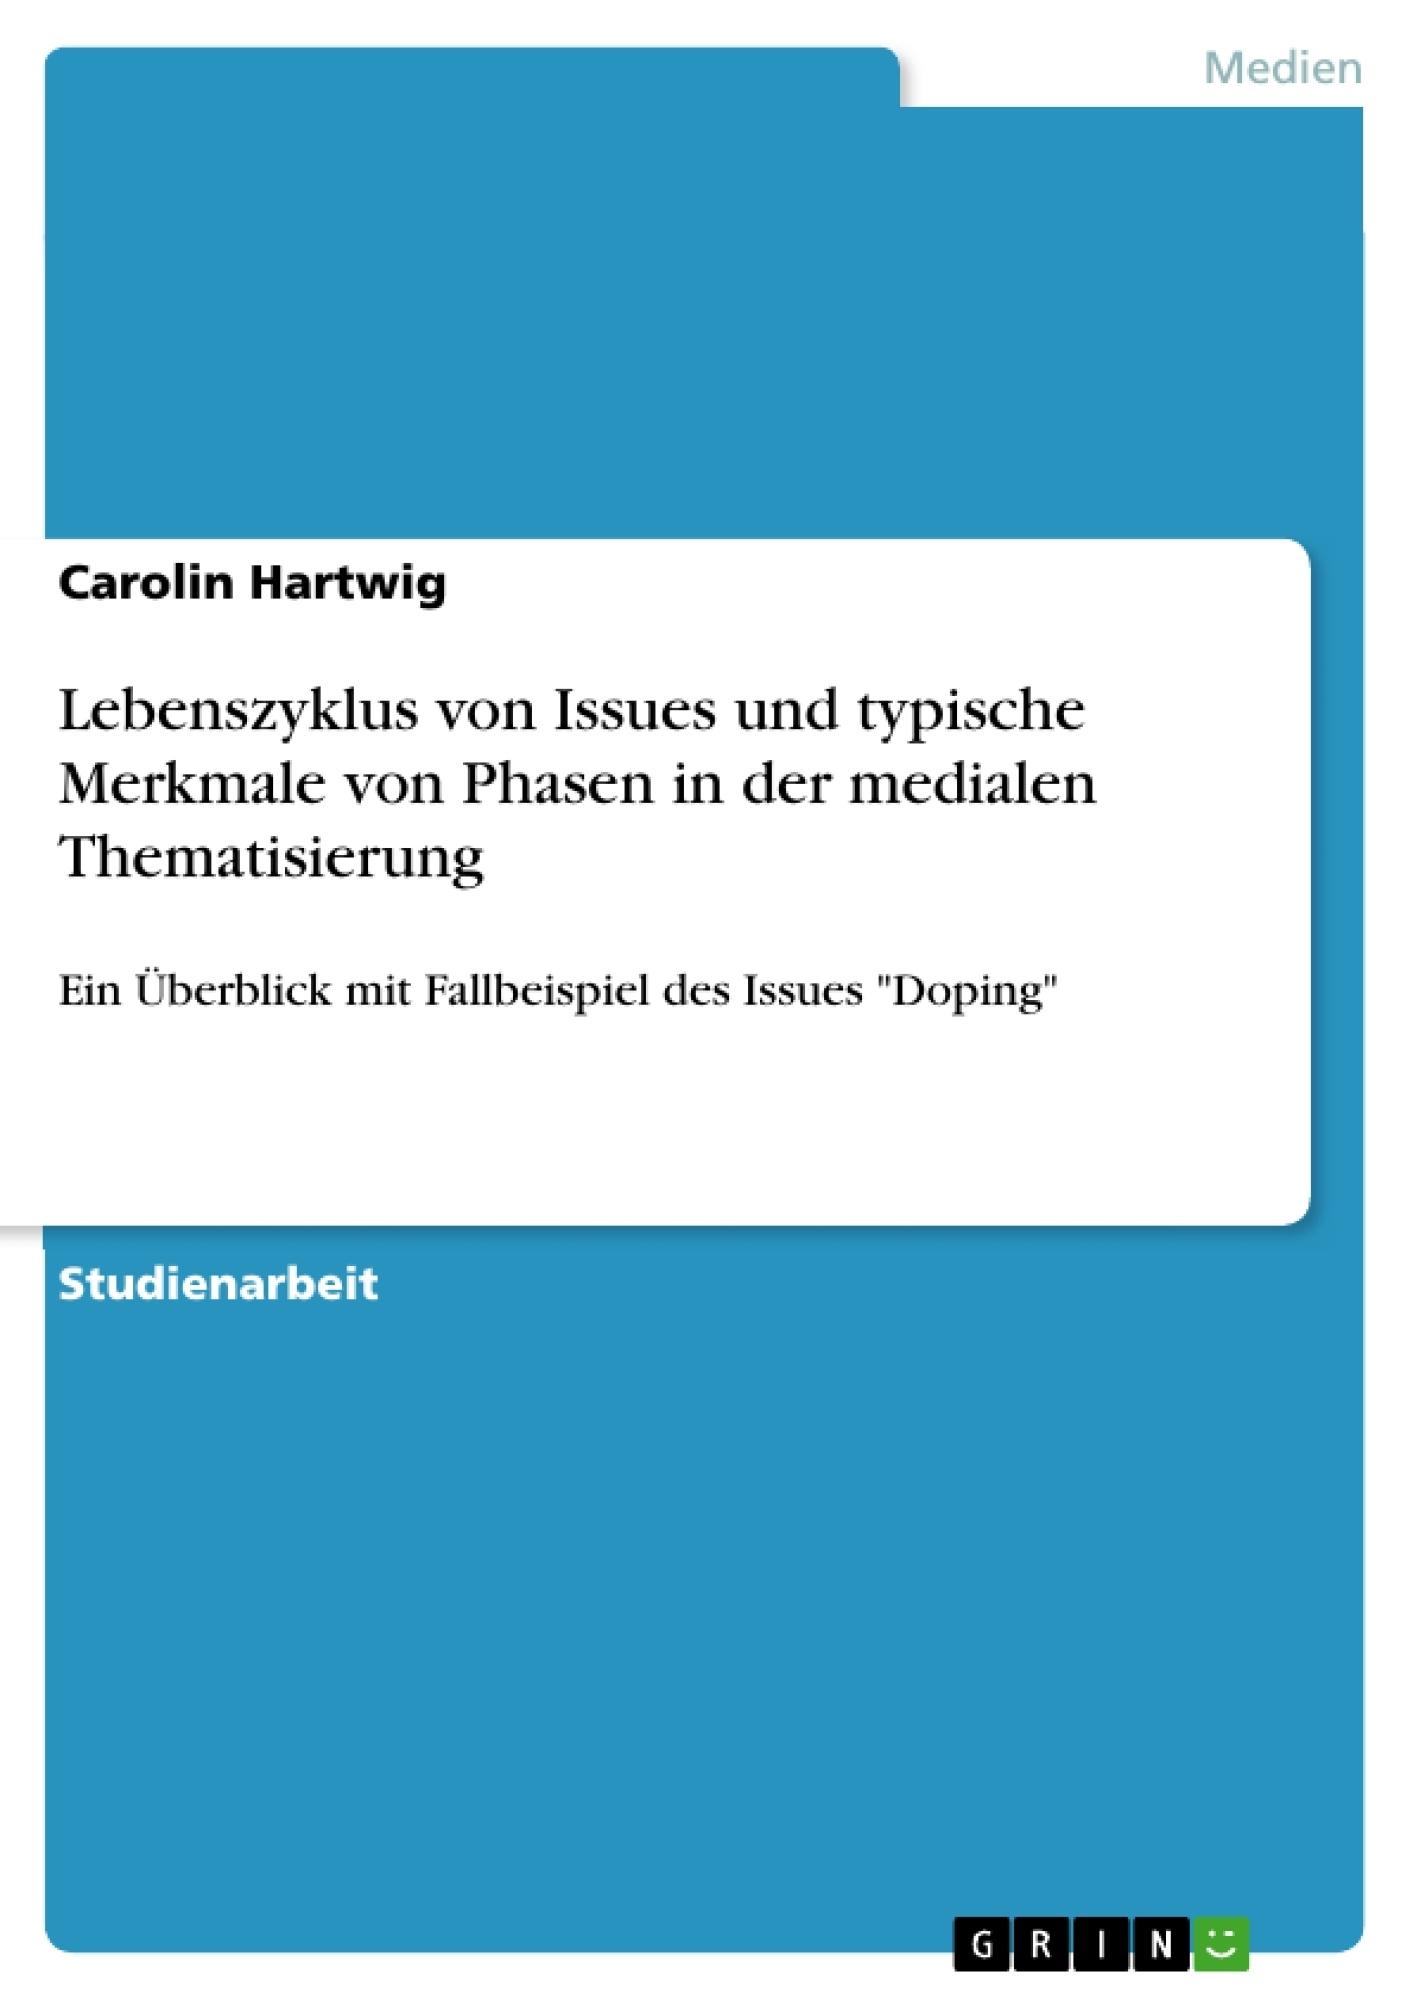 Titel: Lebenszyklus von Issues und typische Merkmale von Phasen in der medialen Thematisierung